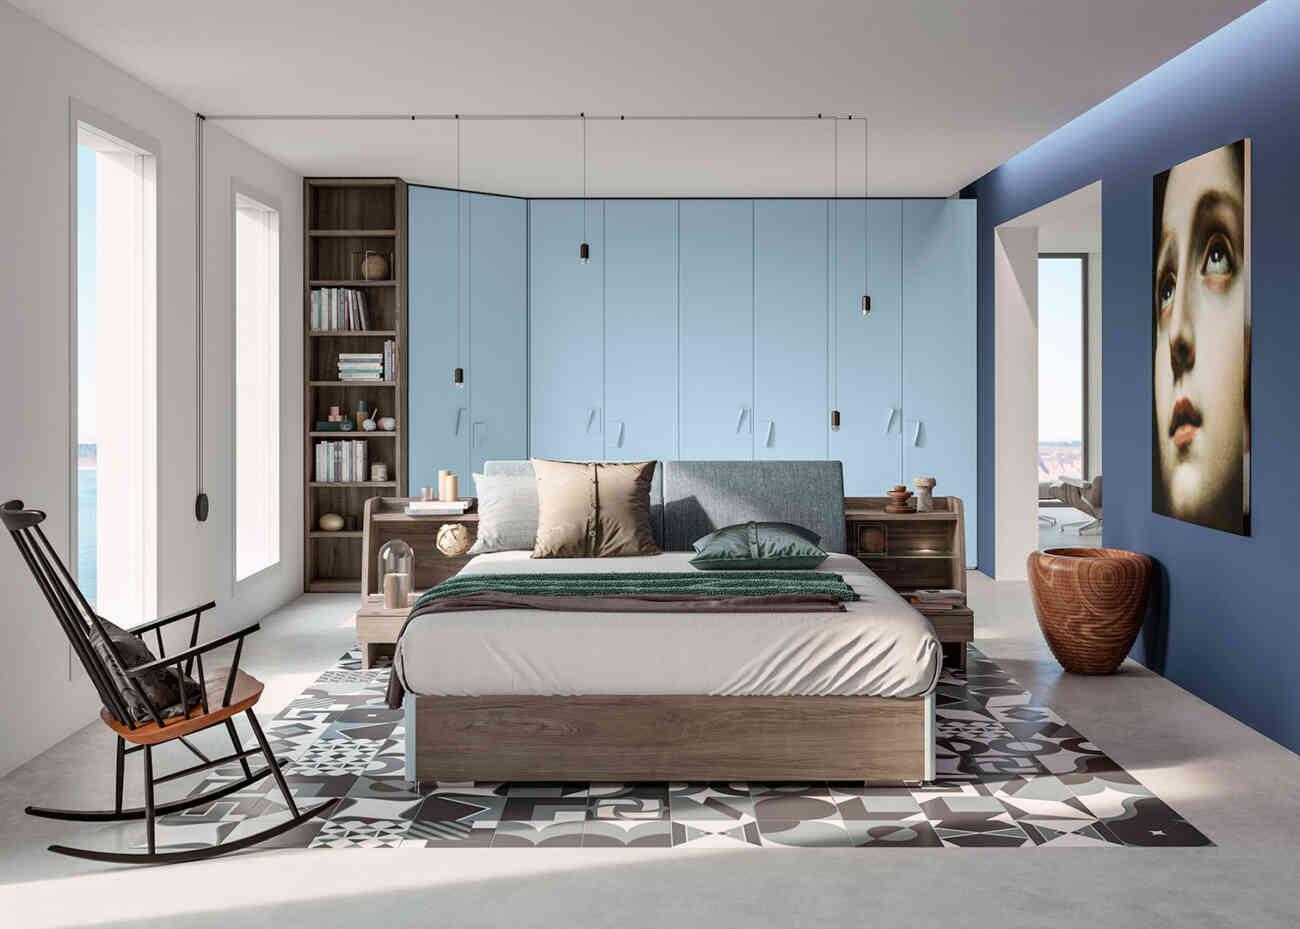 Camera da letto 11 - Giessegi - Gruppo Inventa Arredamento ...